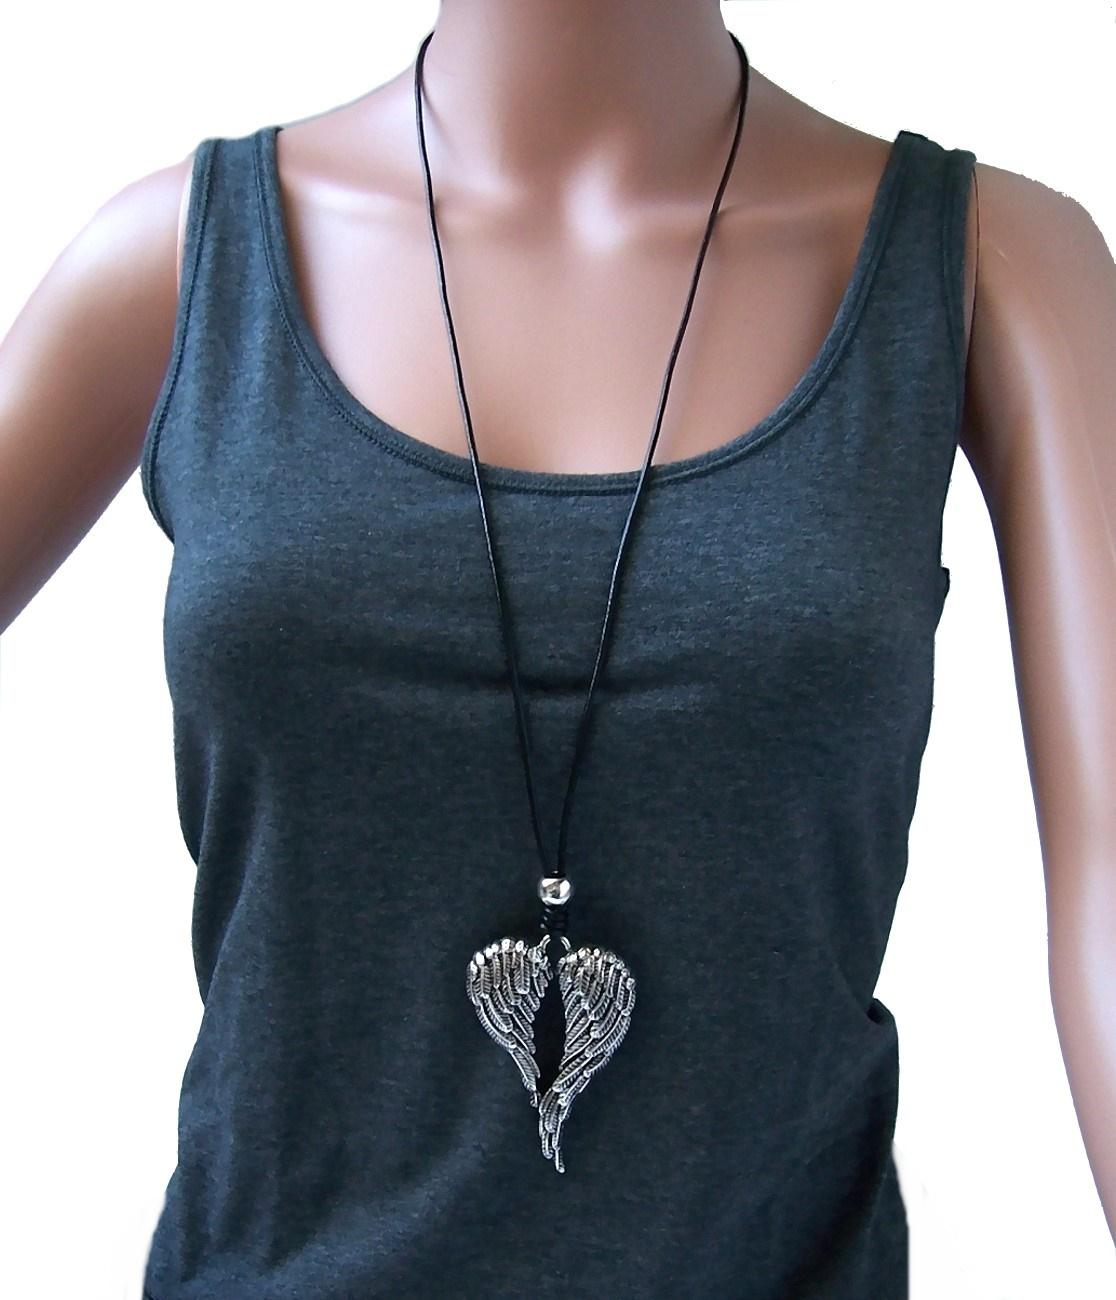 Kette lange Halskette Leder-look schwarz Flügel Anhänger silber K1450